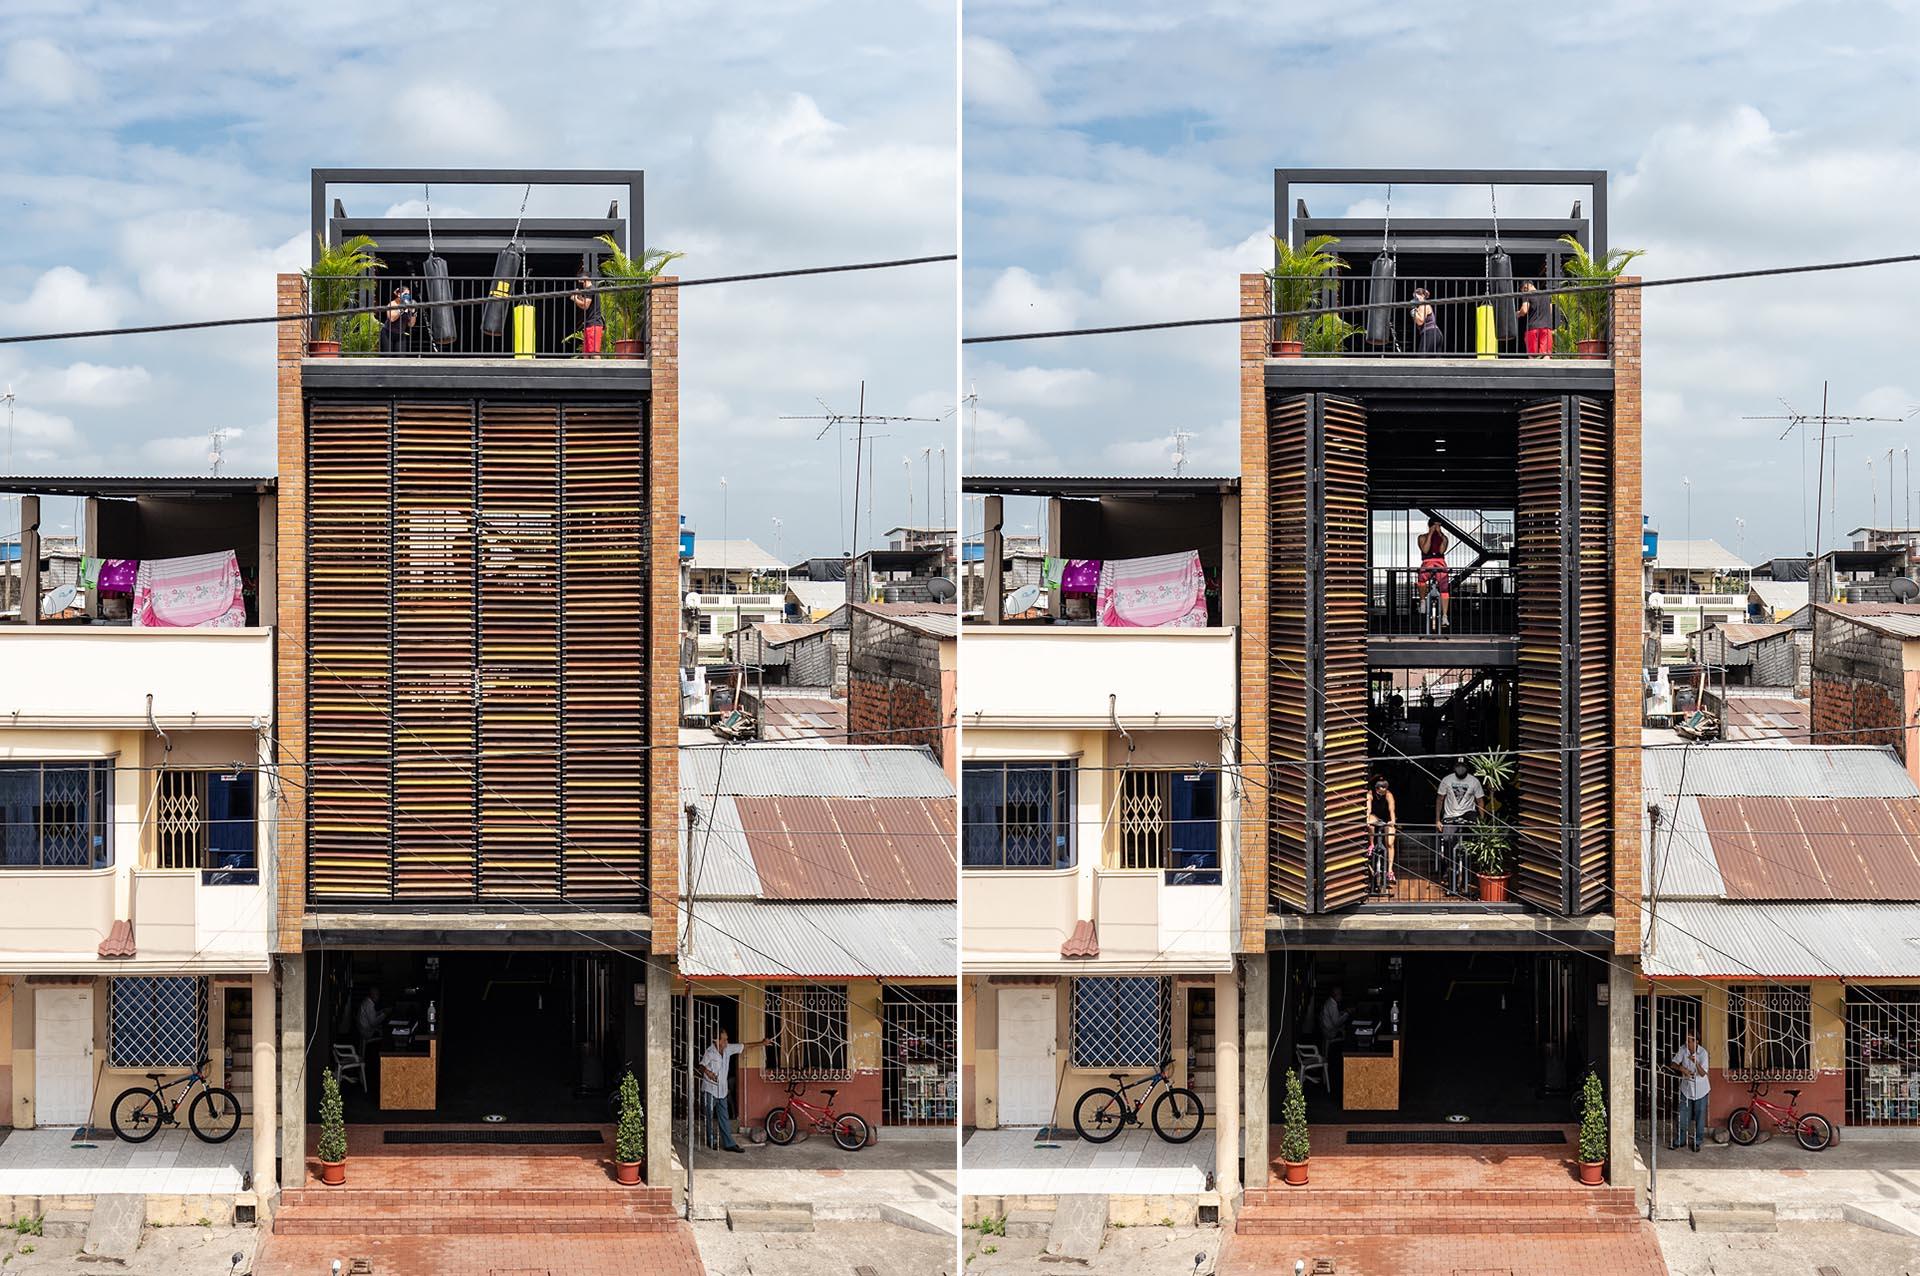 کنترل نور و تهویه باشگاه با نمای ساختمان